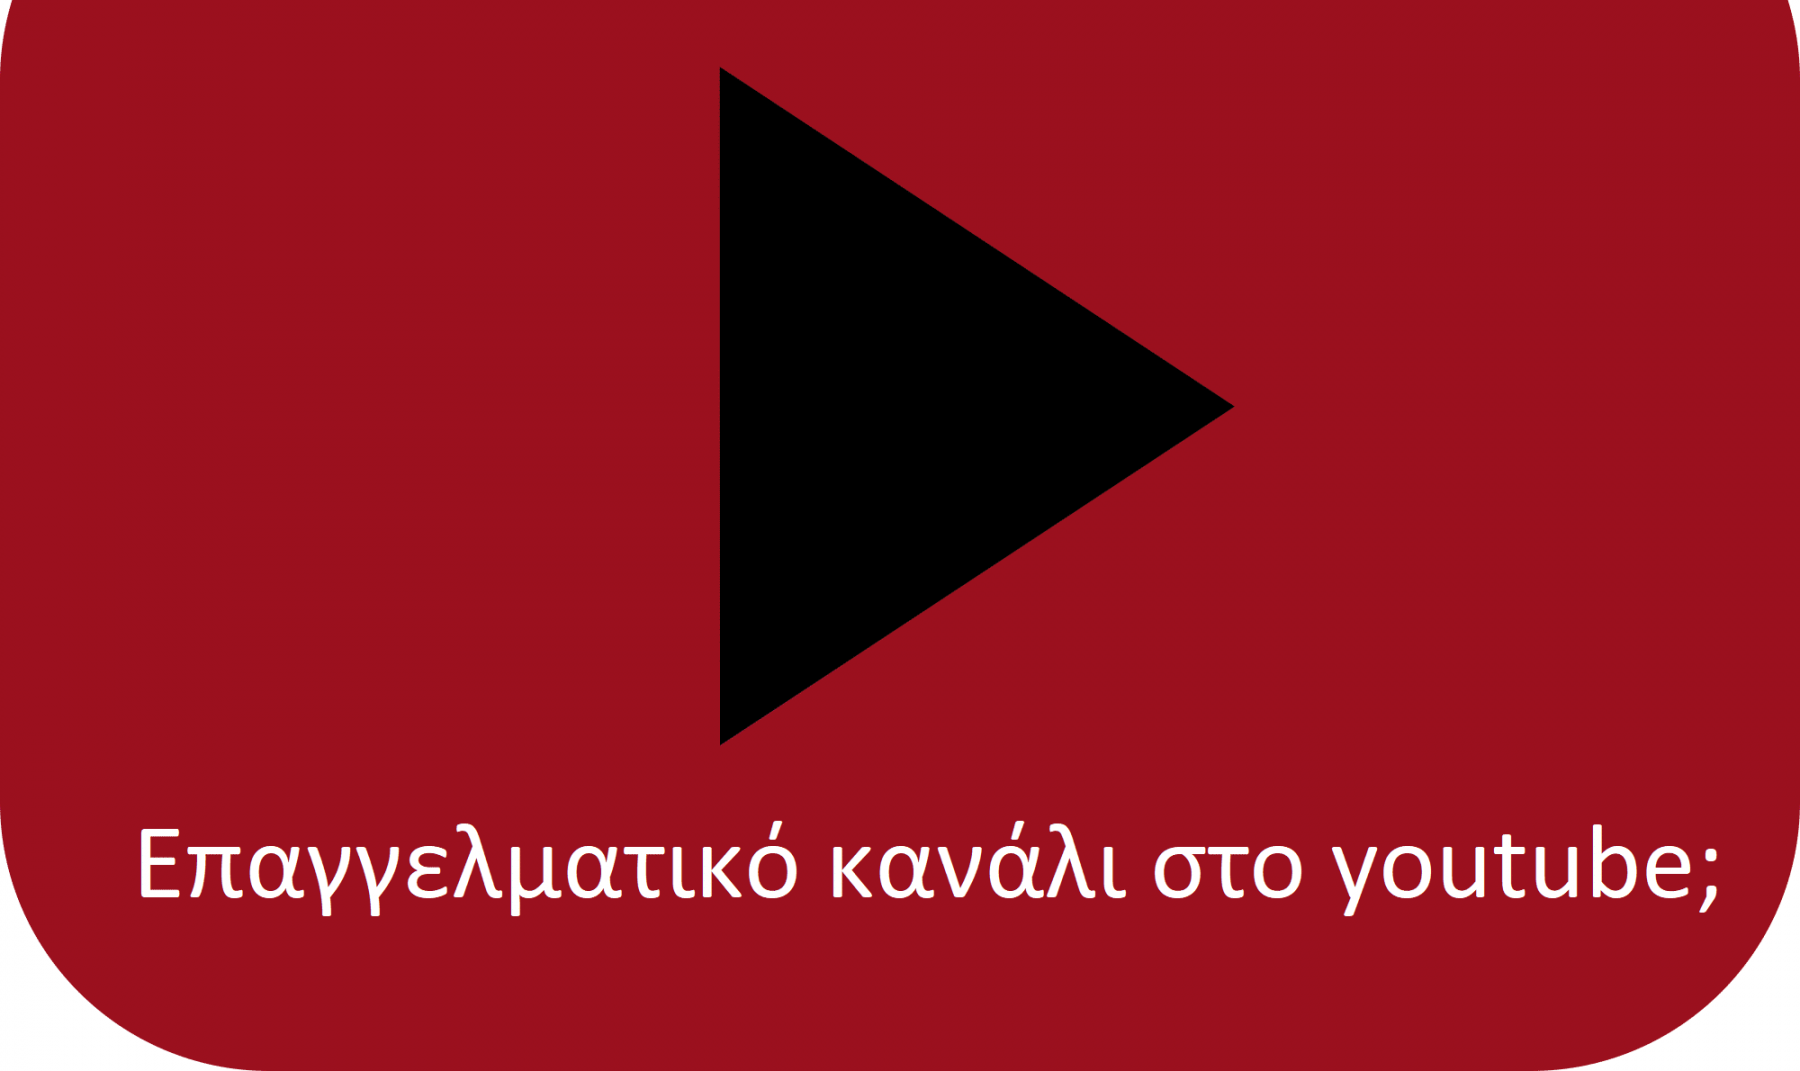 Επαγγελματικό κανάλι στο youtube e1611312119826